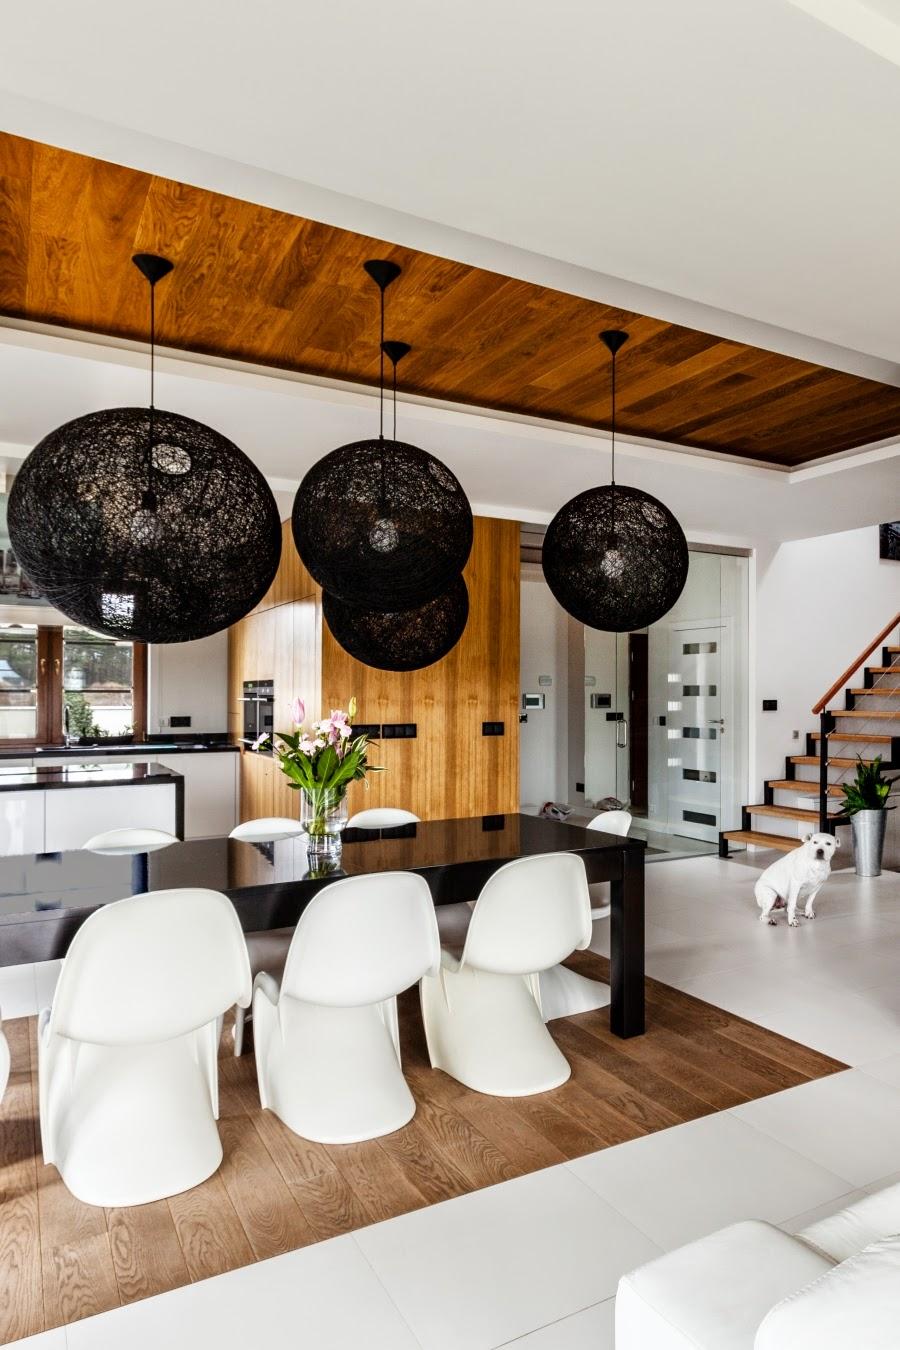 wnętrza, wystrój wnętrz, dom, mieszkanie, aranżacja, home decor, dekoracje, styl nowoczesny, biel i czerń, lampy, jadalnia, stół, nowoczesne krzesła